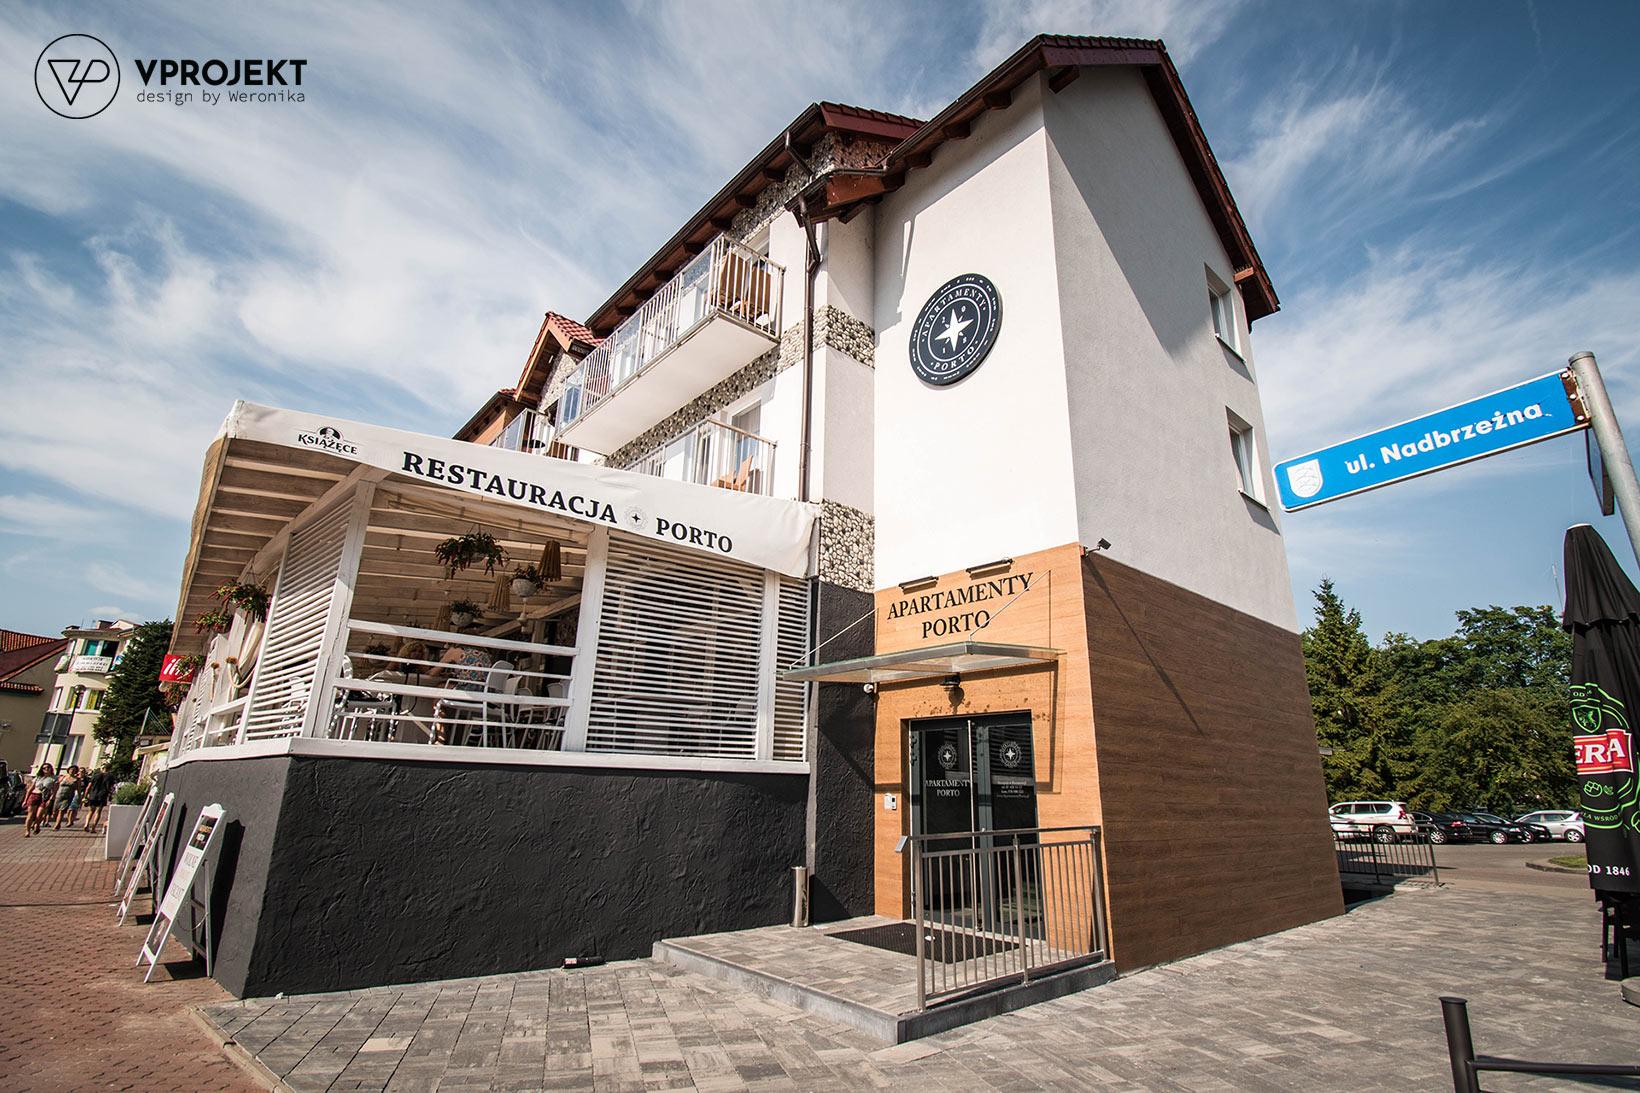 Budynek mieszczący apartamenty i restaurację Porto